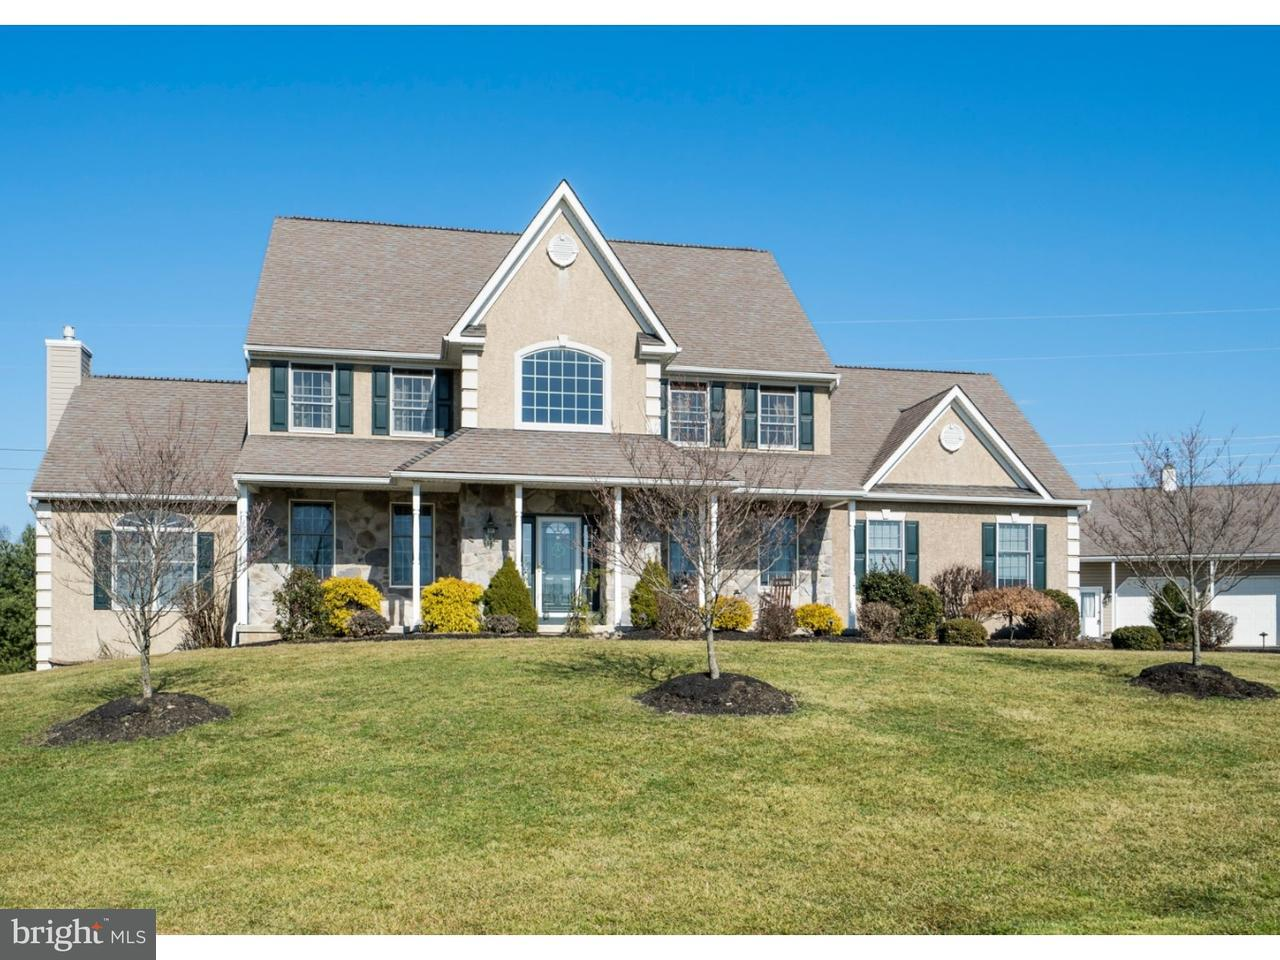 独户住宅 为 销售 在 26 POMPA Lane Telford, 宾夕法尼亚州 18969 美国